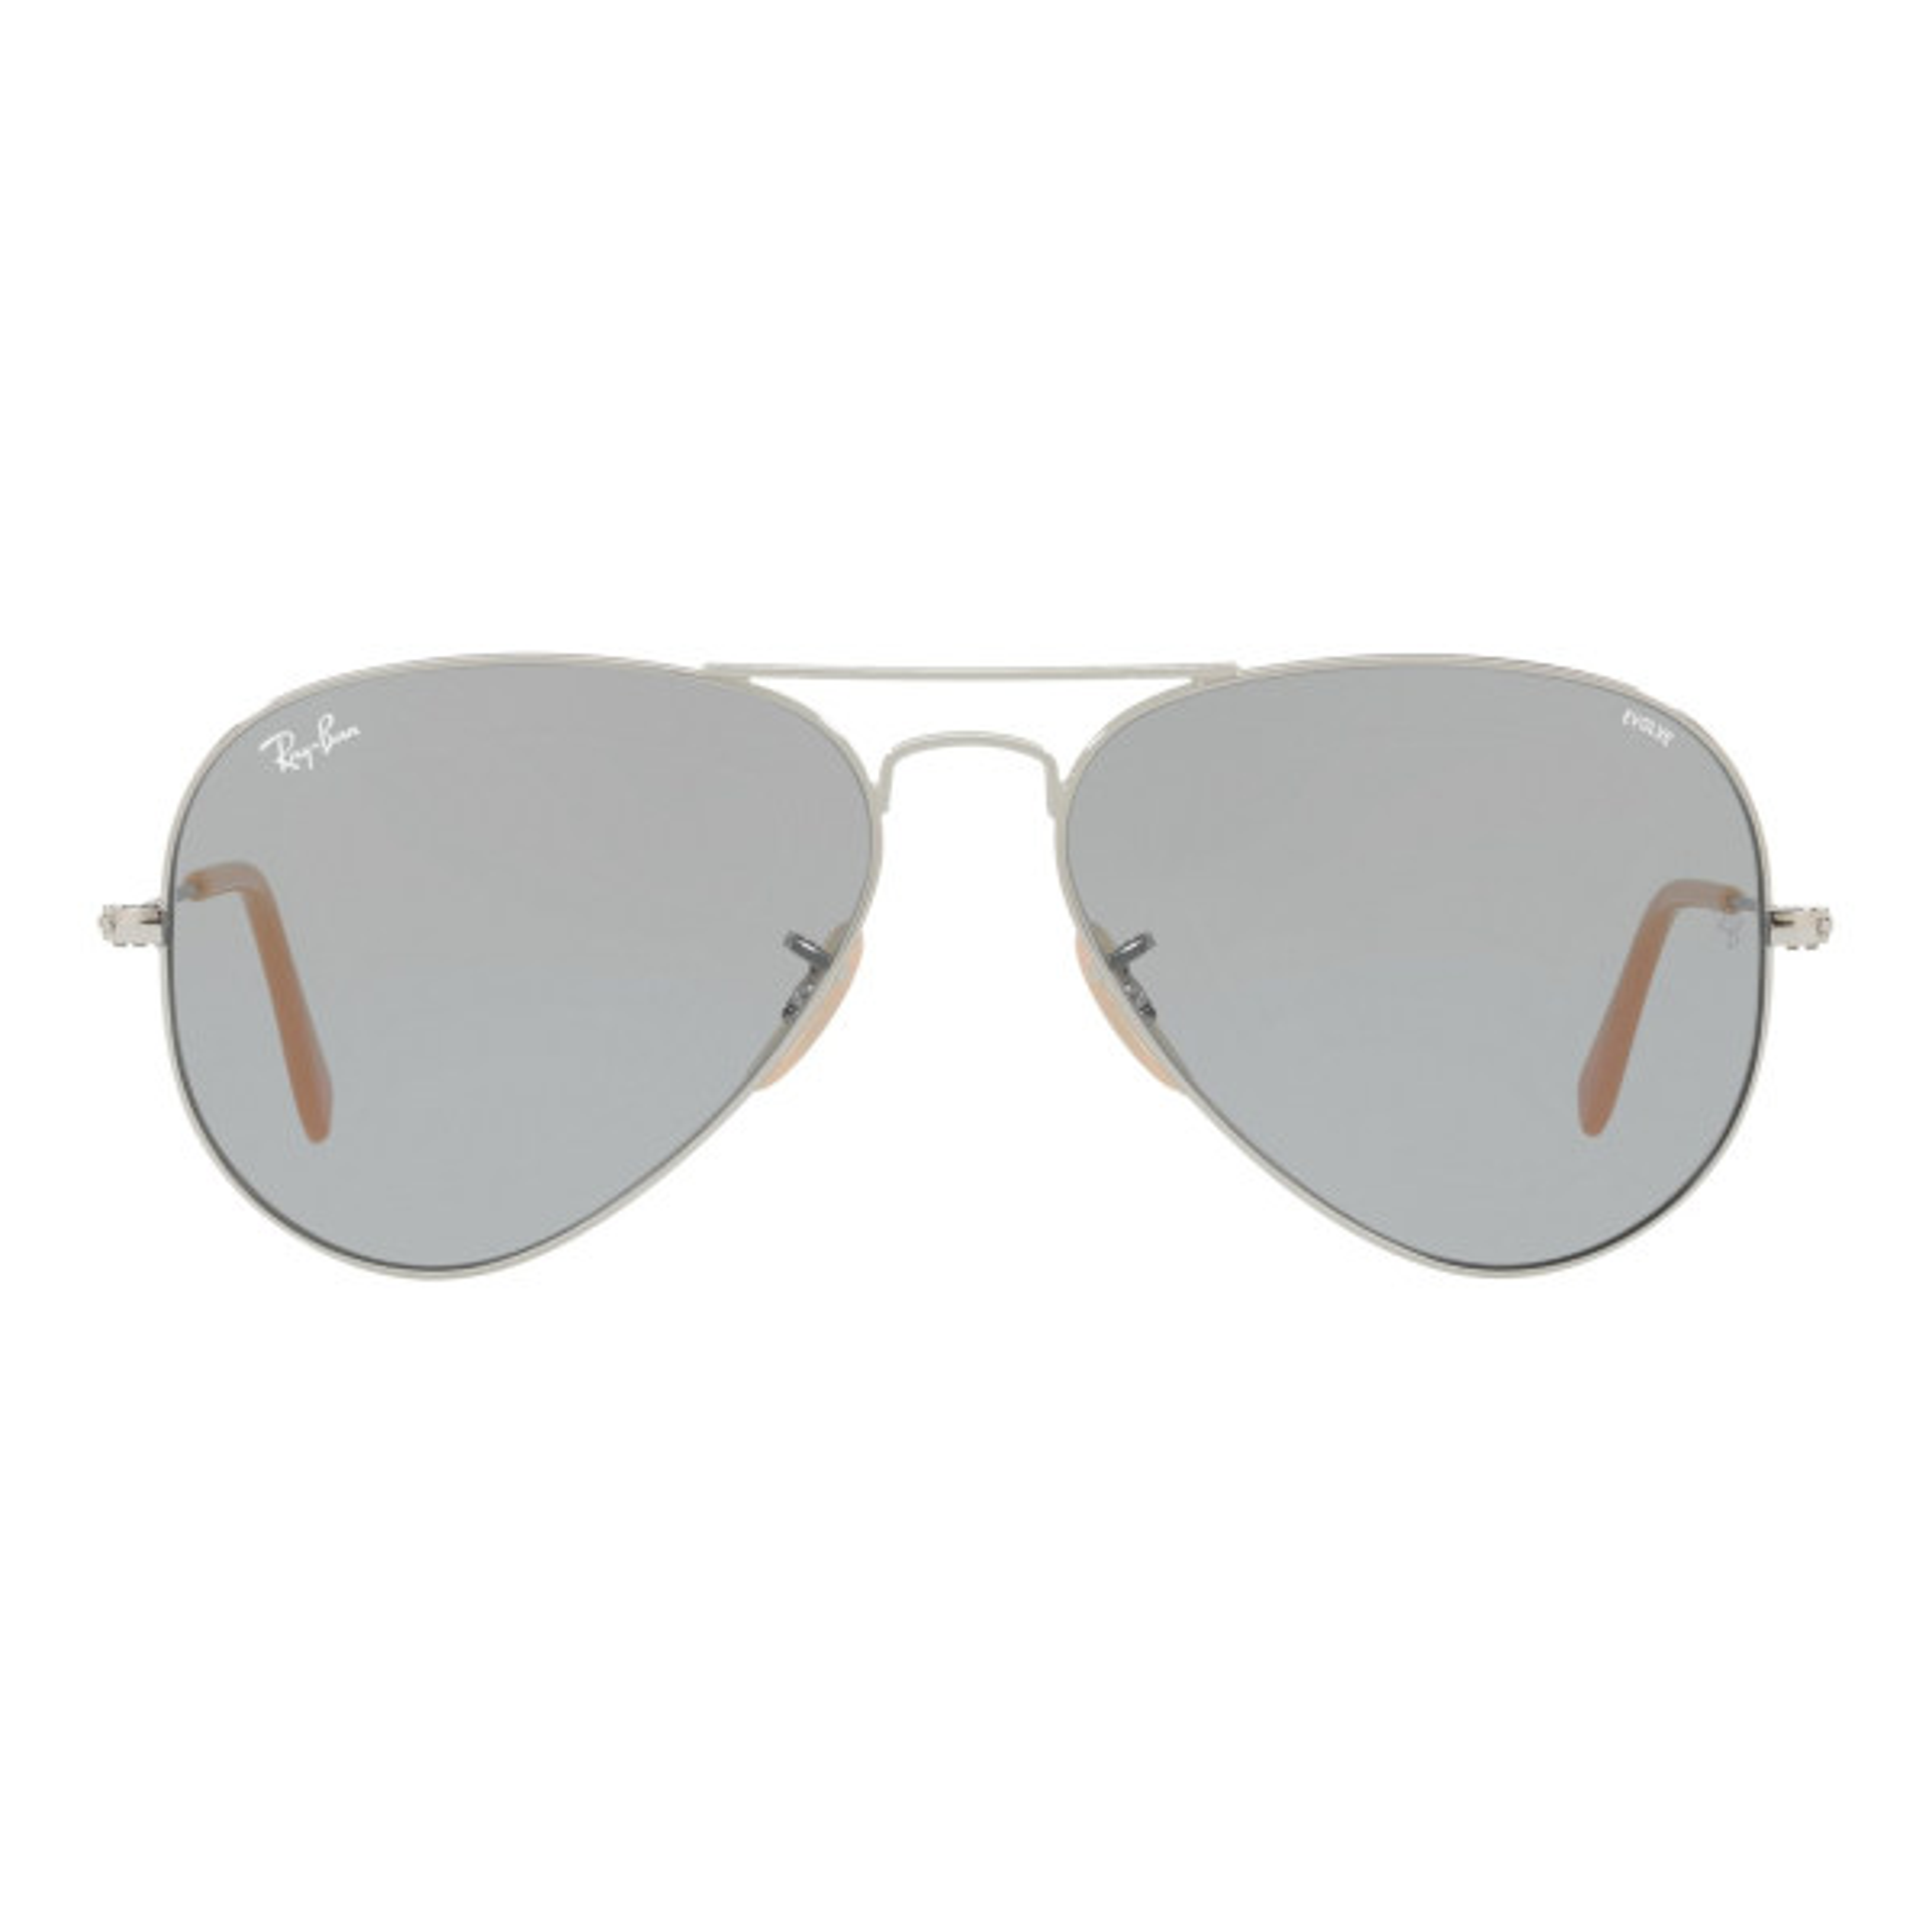 عینک آفتابی ری بن مدل 3025-9065L5-58